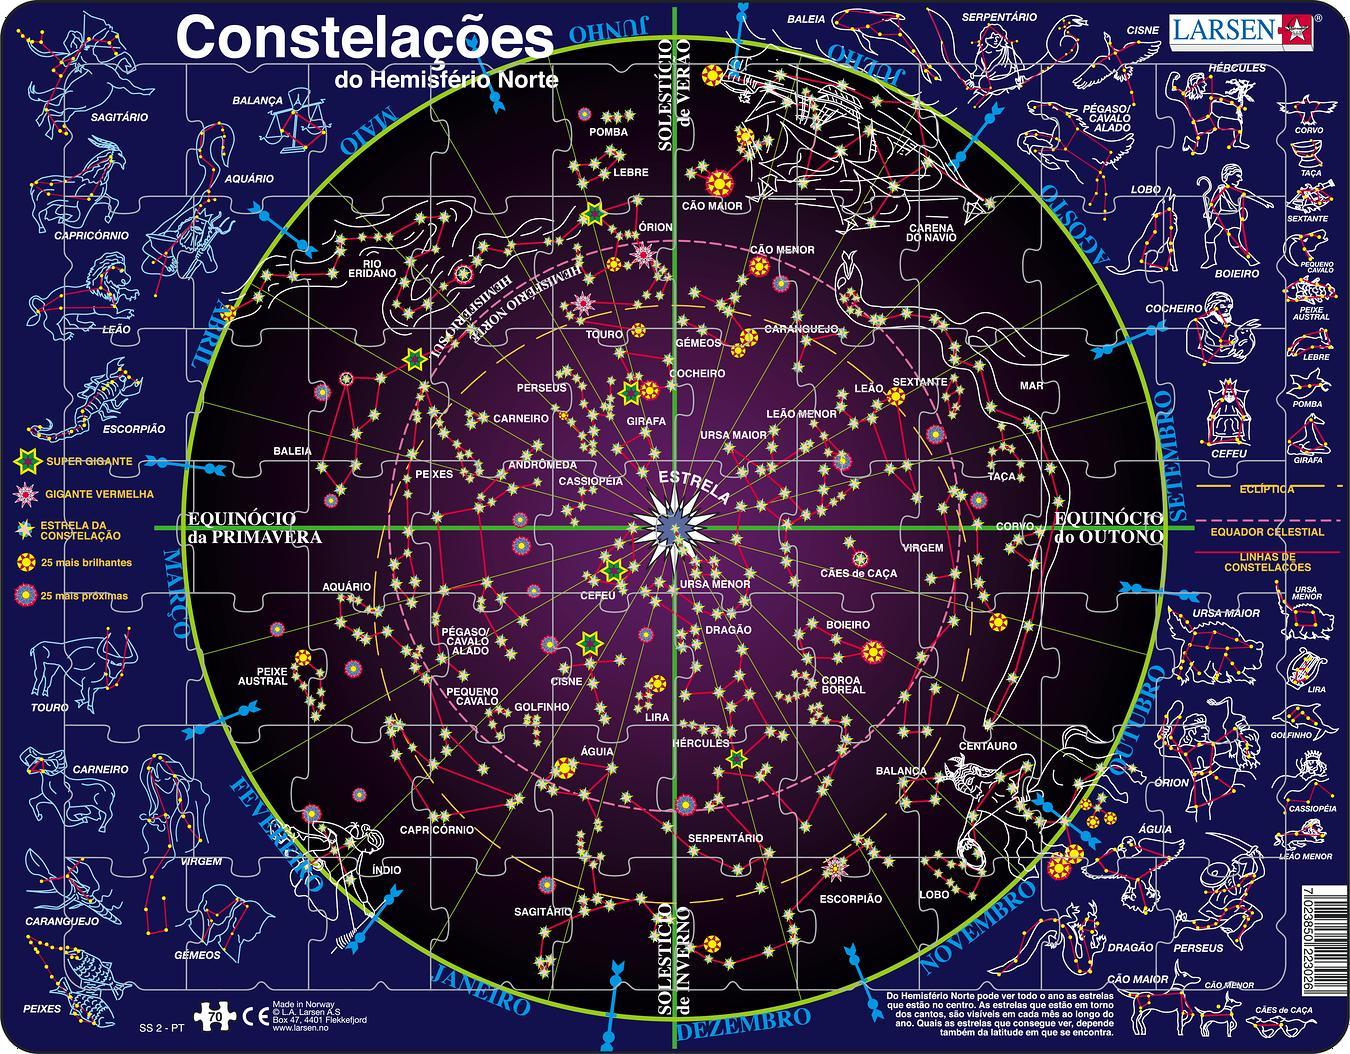 Constelações - Larsen